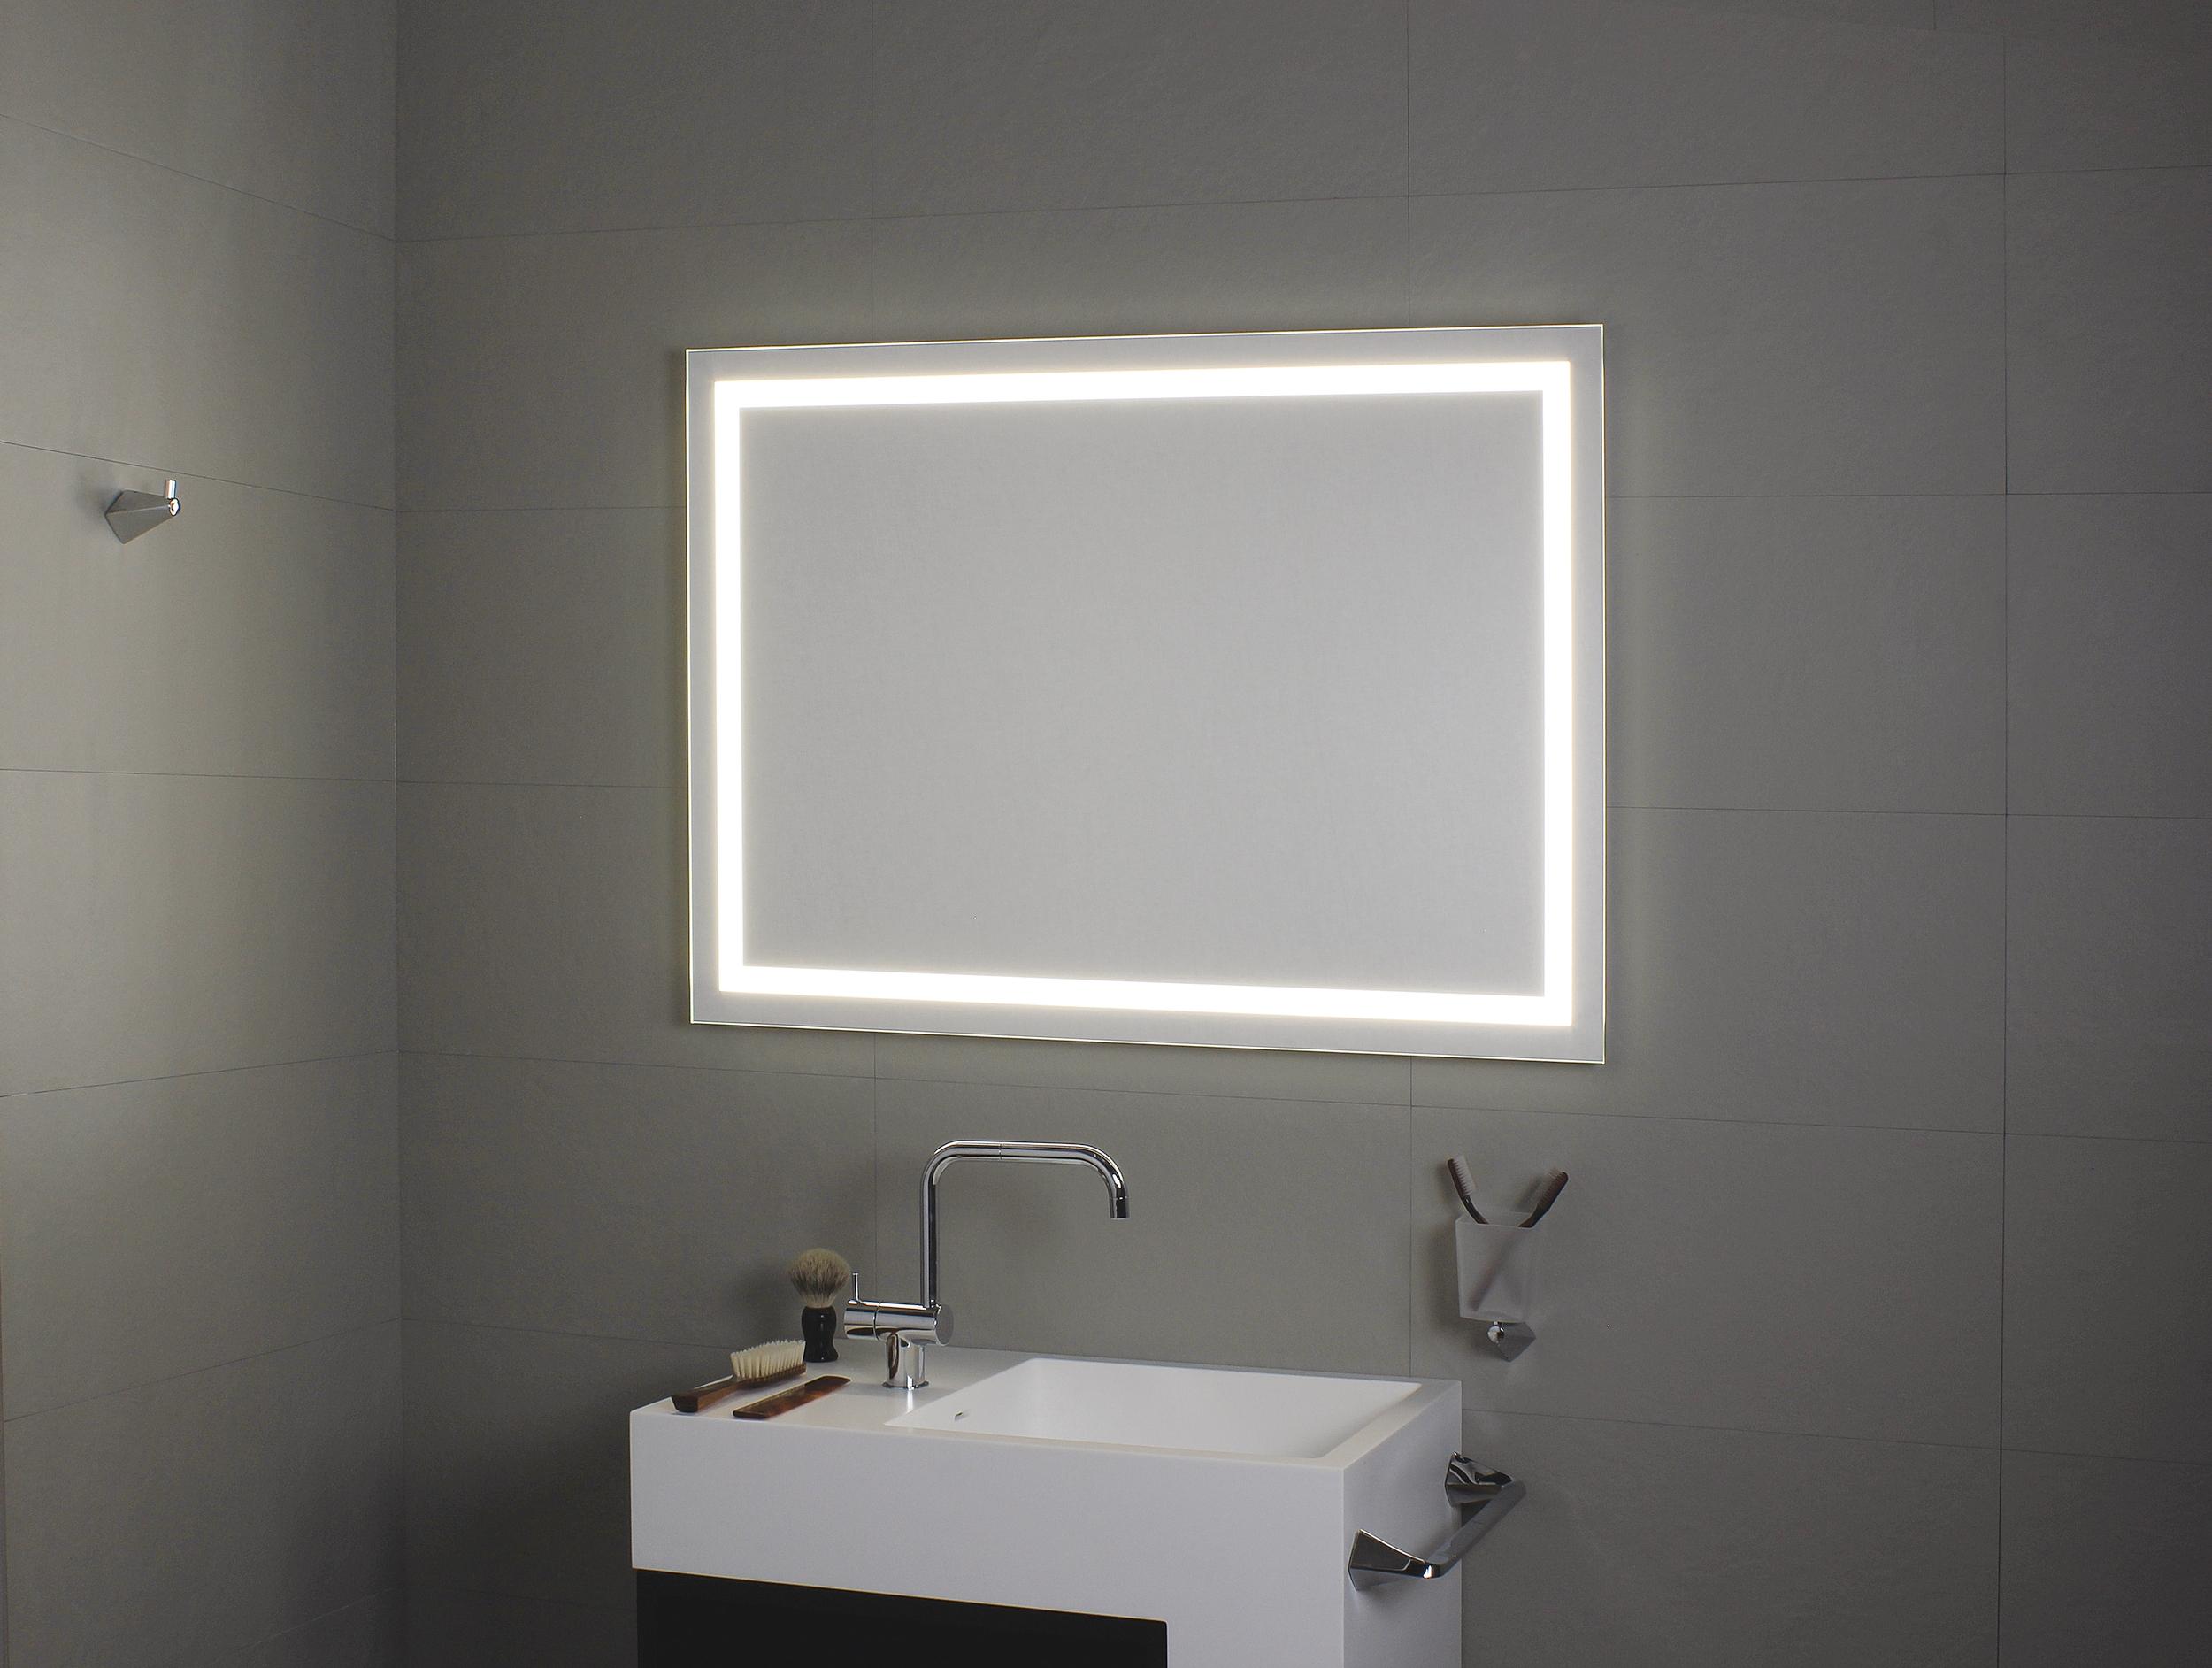 koh i noor perimetrale spiegel mit perimetraler beleuchtung 900 x 800 mm l45983. Black Bedroom Furniture Sets. Home Design Ideas